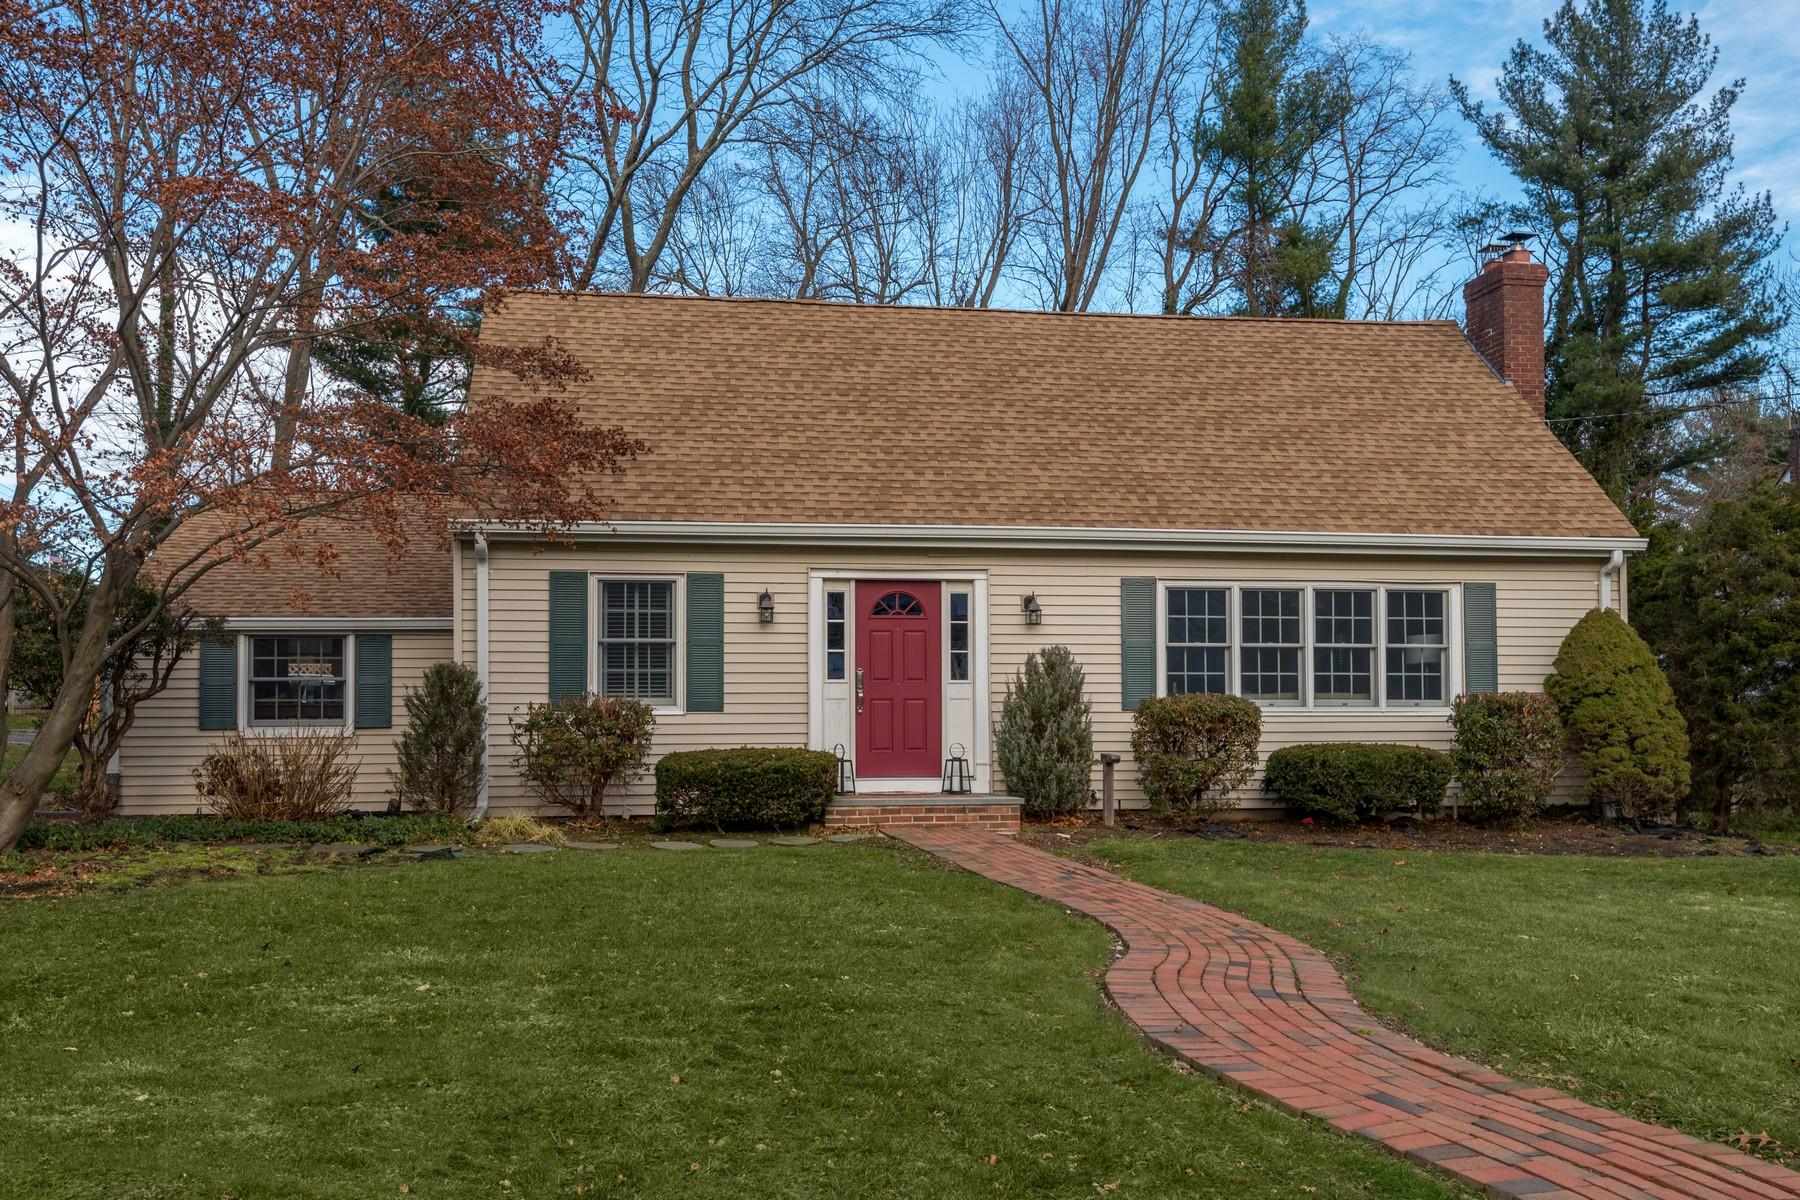 Частный односемейный дом для того Продажа на 193 Southdown Rd , Huntington, NY 11743 193 Southdown Rd, Huntington, Нью-Йорк, 11743 Соединенные Штаты